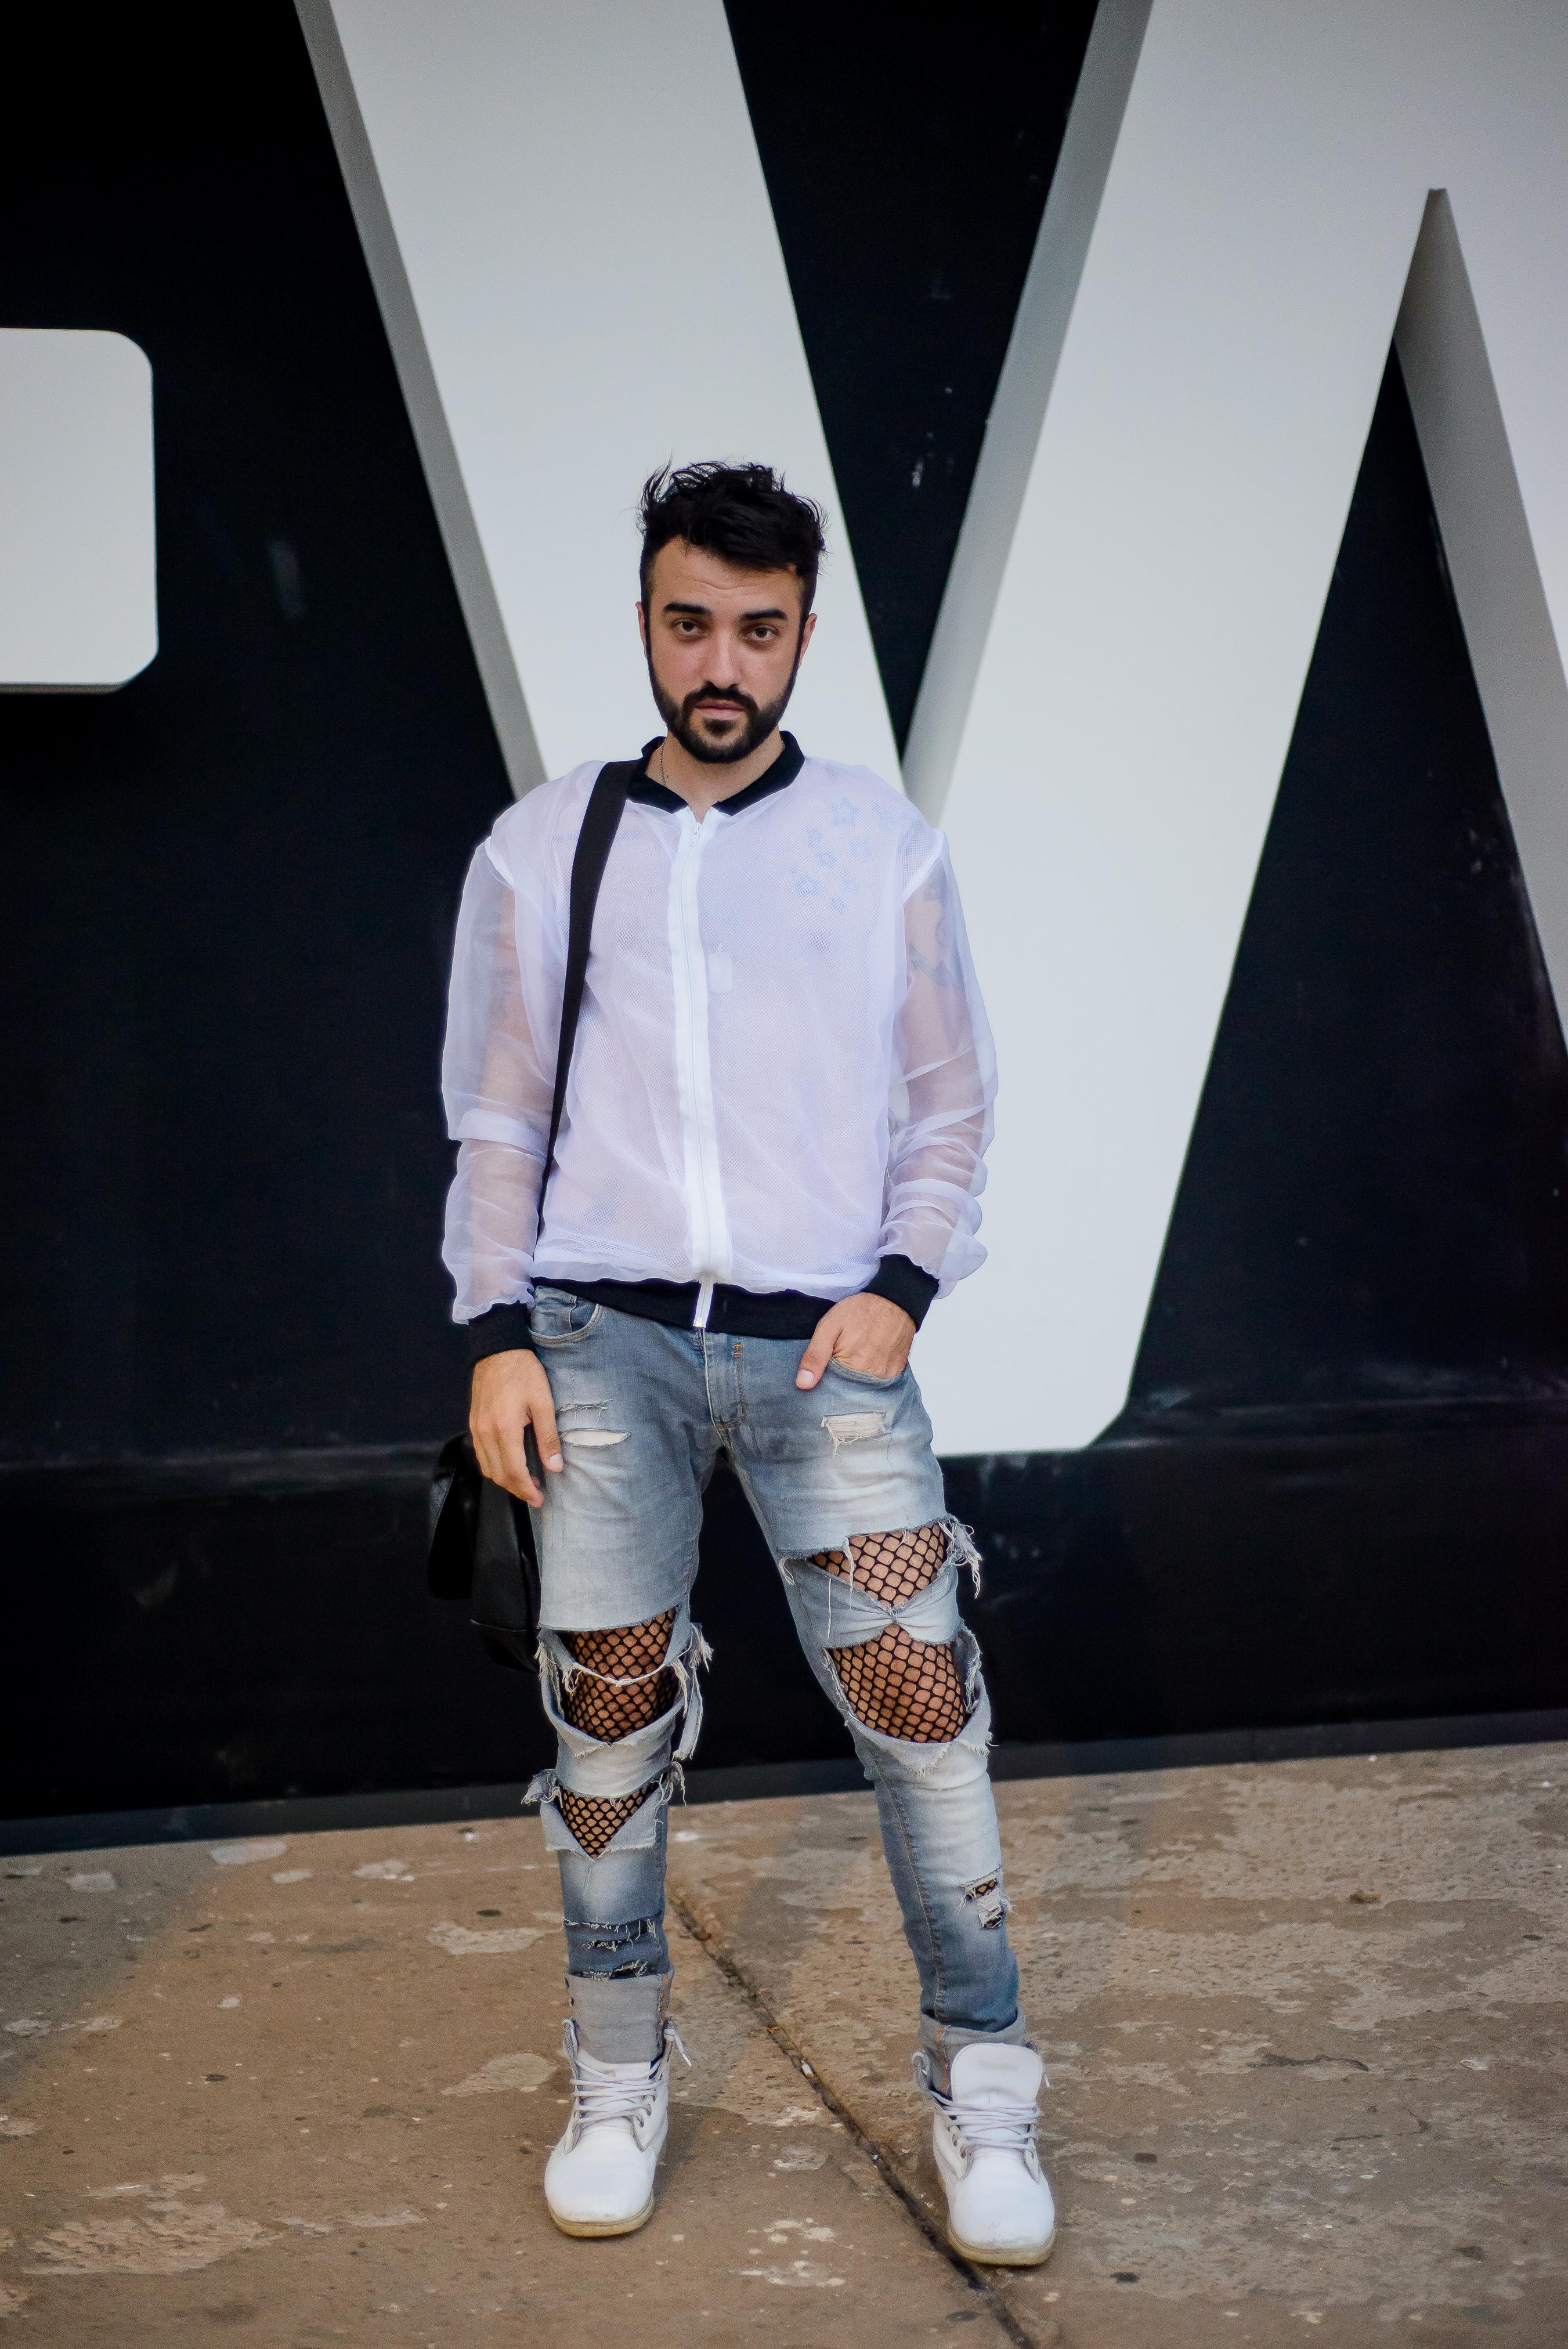 spfwn43-street-style-moda-masculina-estilo-masculino-style-fashion-moda-2017-moda-sem-censura-beleza-blog-de-moda-men-man-boy-estilo (9)